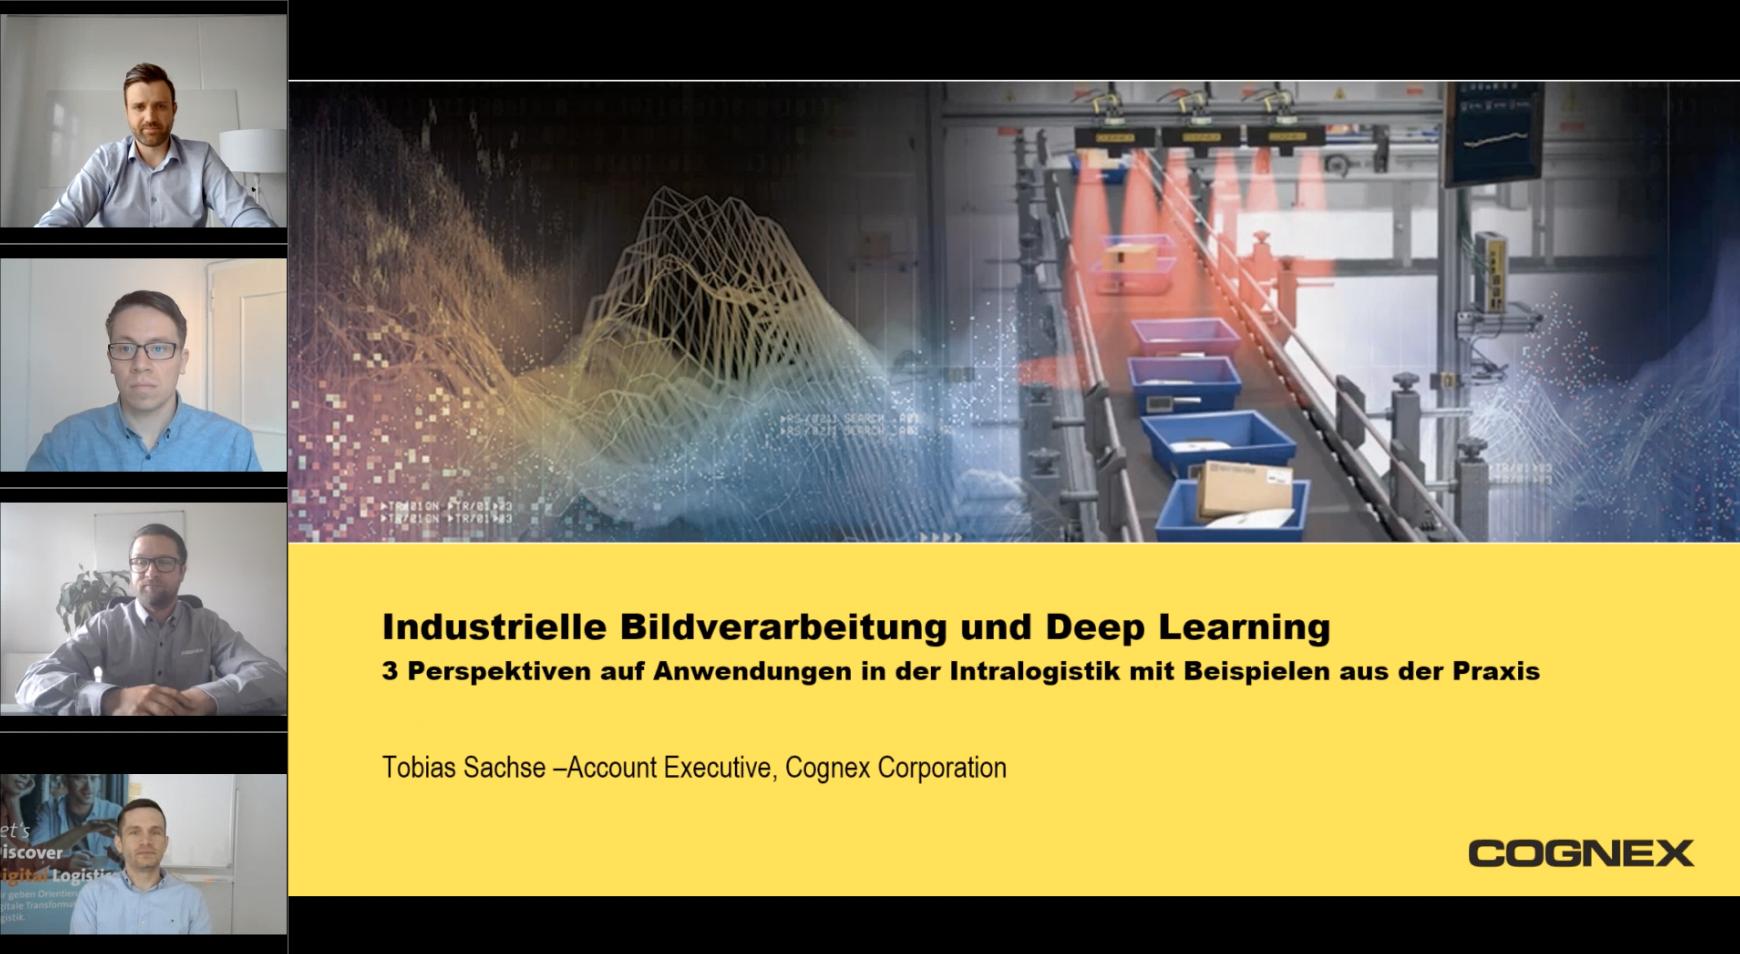 Industrielle Bildverarbeitung und Deep Learning – 3 Perspektiven auf Anwendungen in der Intralogistik aus der Praxis